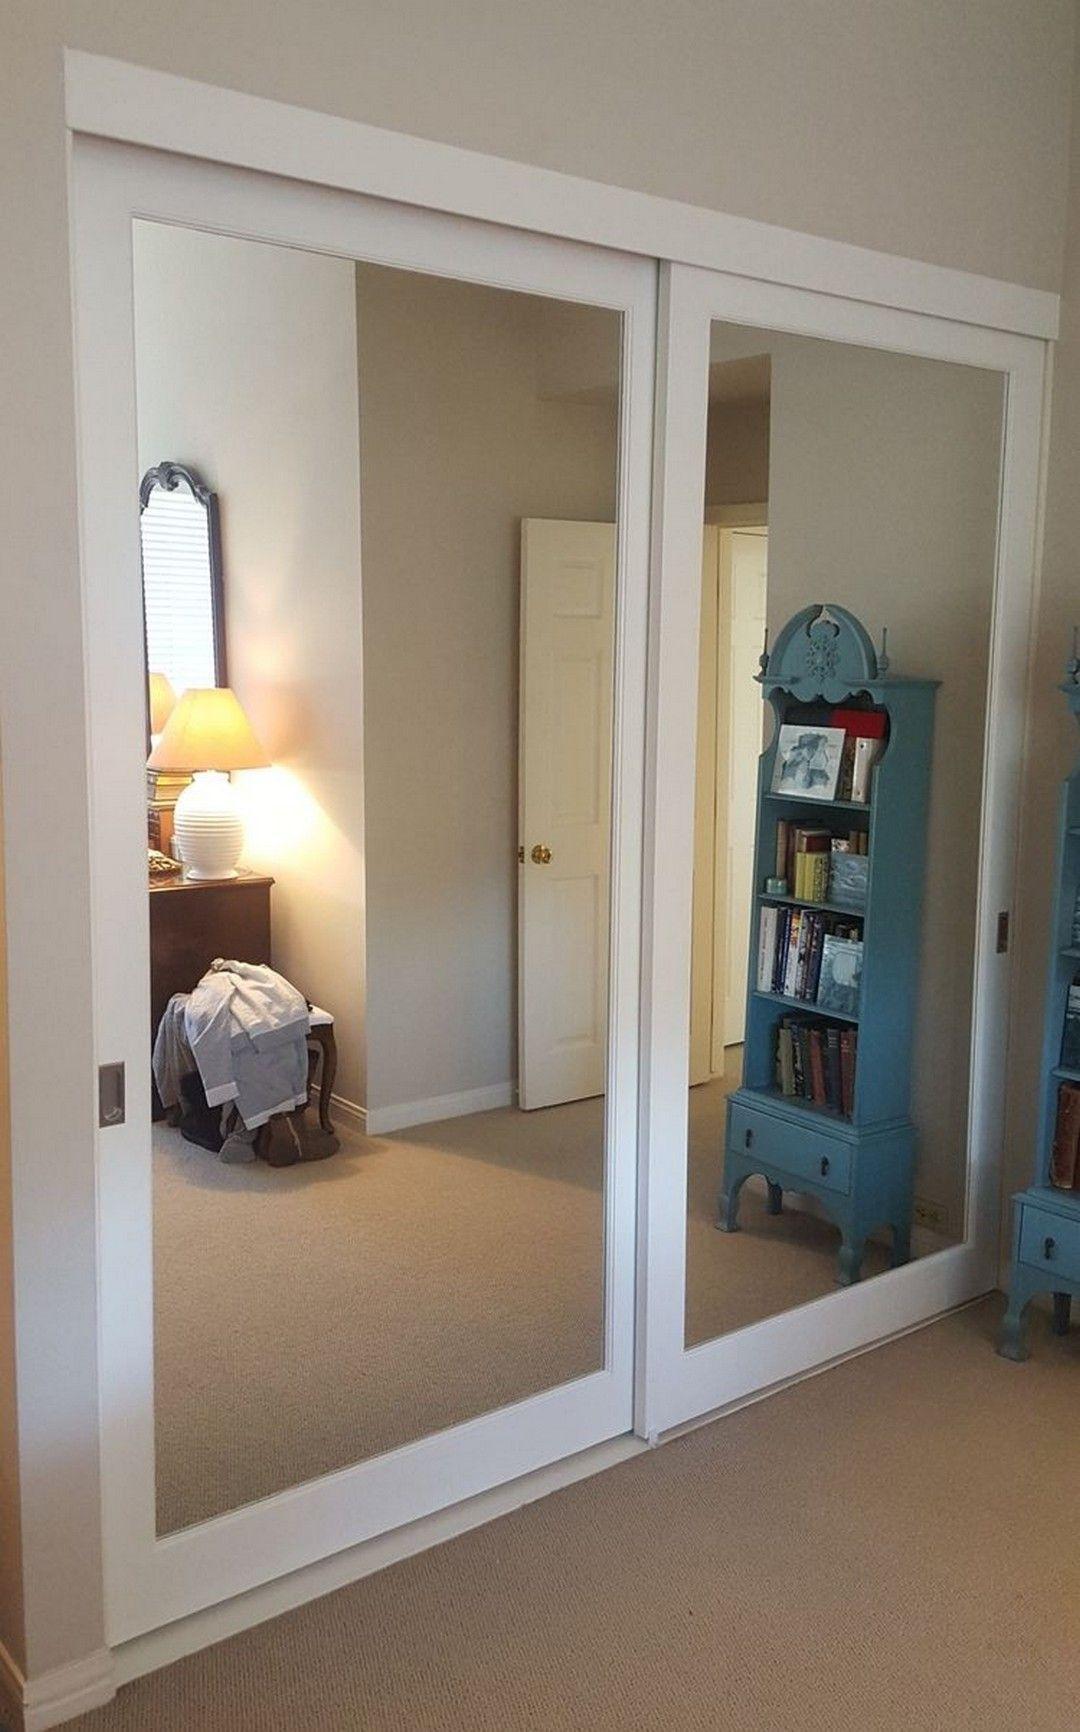 24 Mirrored Barn Door For The Best Master Bedroom Mirror Closet Doors Bedroom Closet Doors Master Bedroom Closet